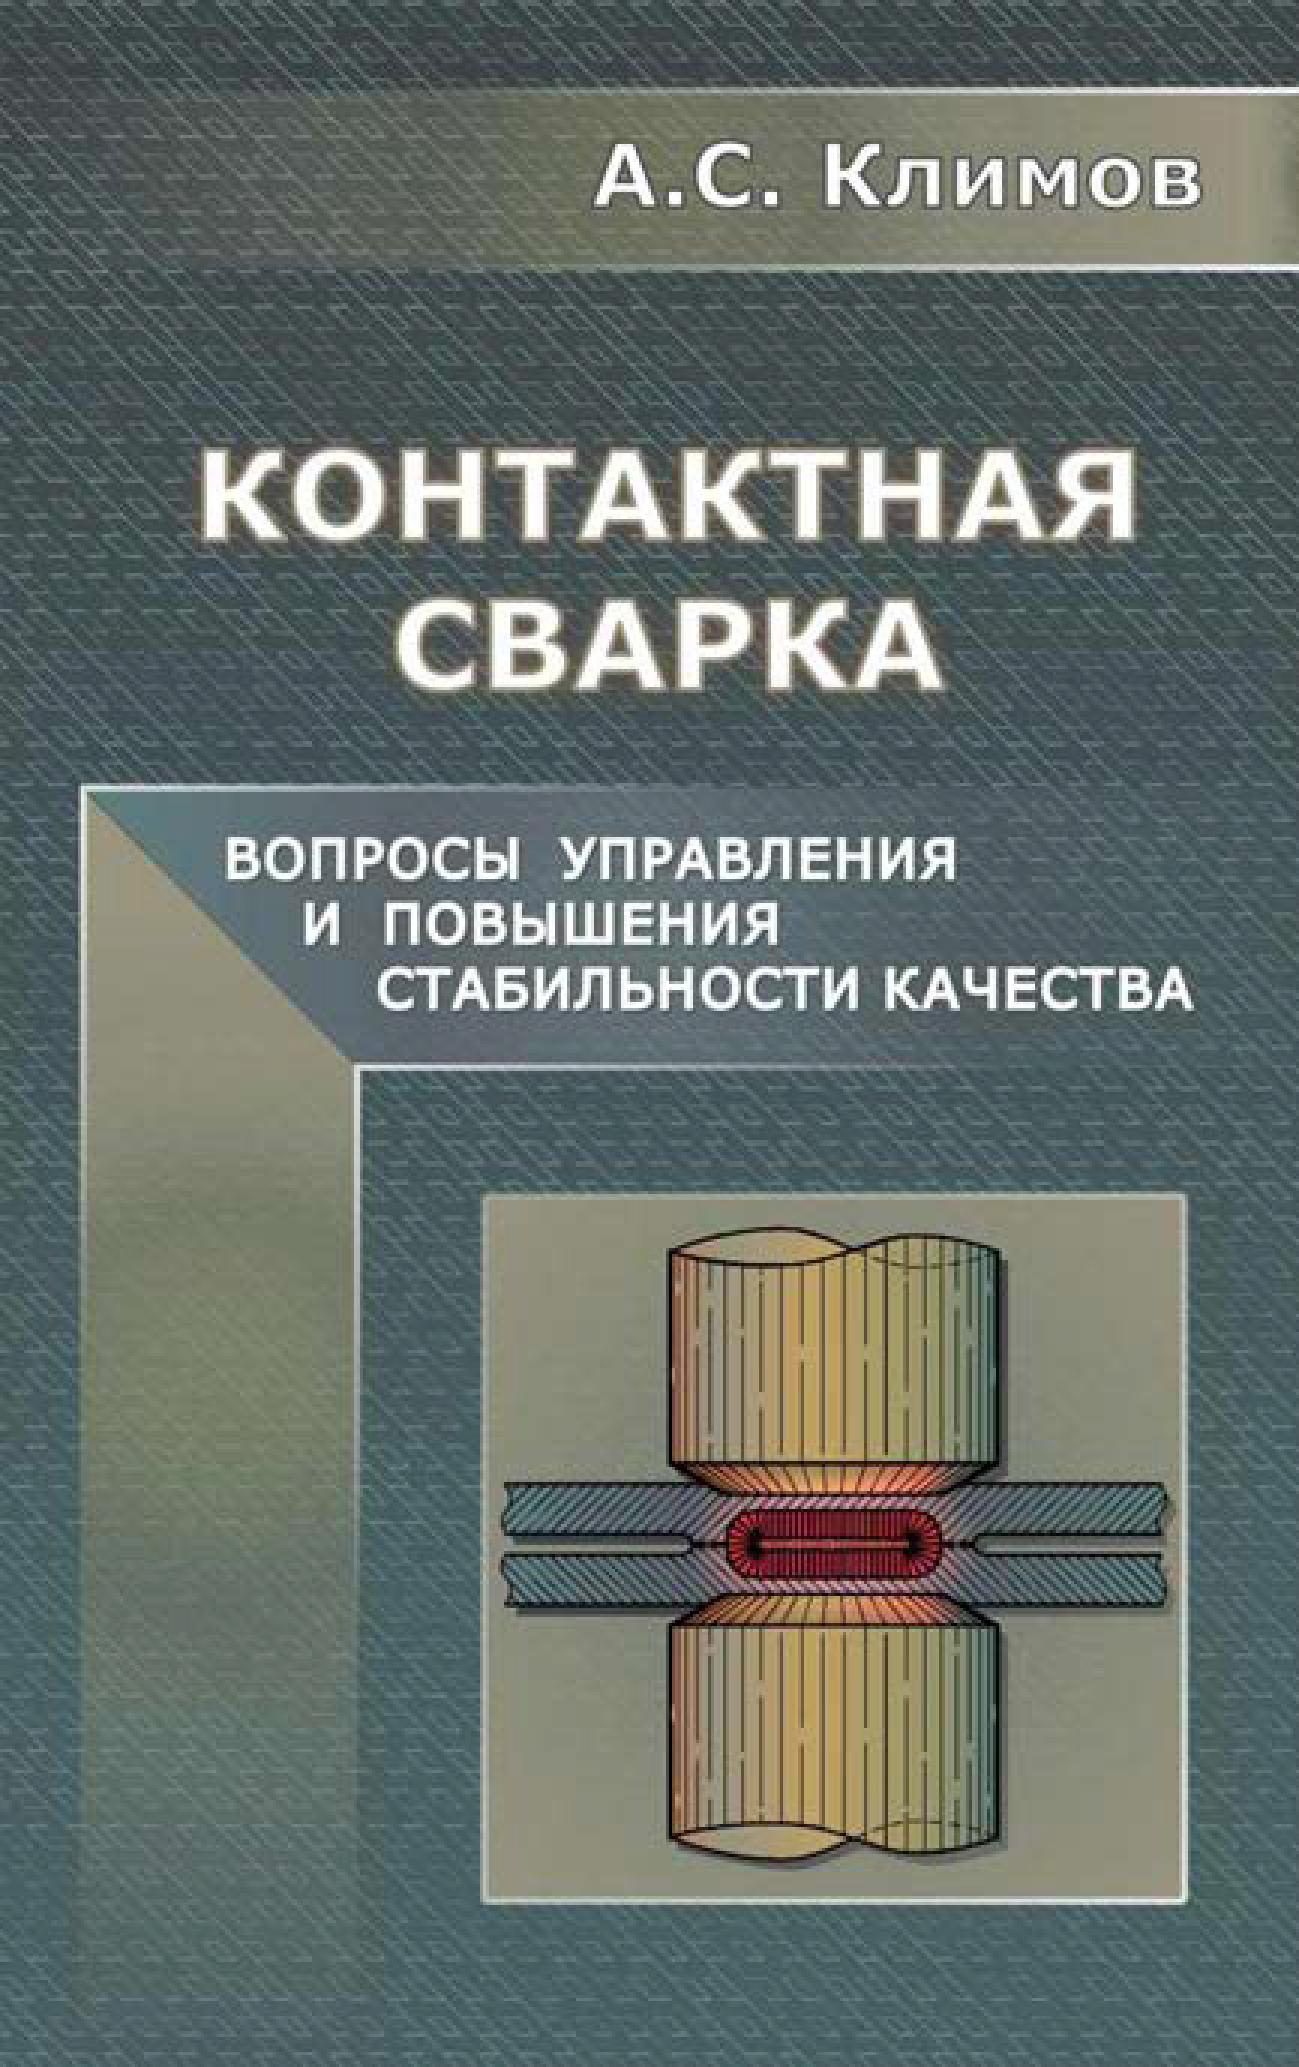 Алексей Климов Контактная сварка. Вопросы управления и повышения стабильности качества